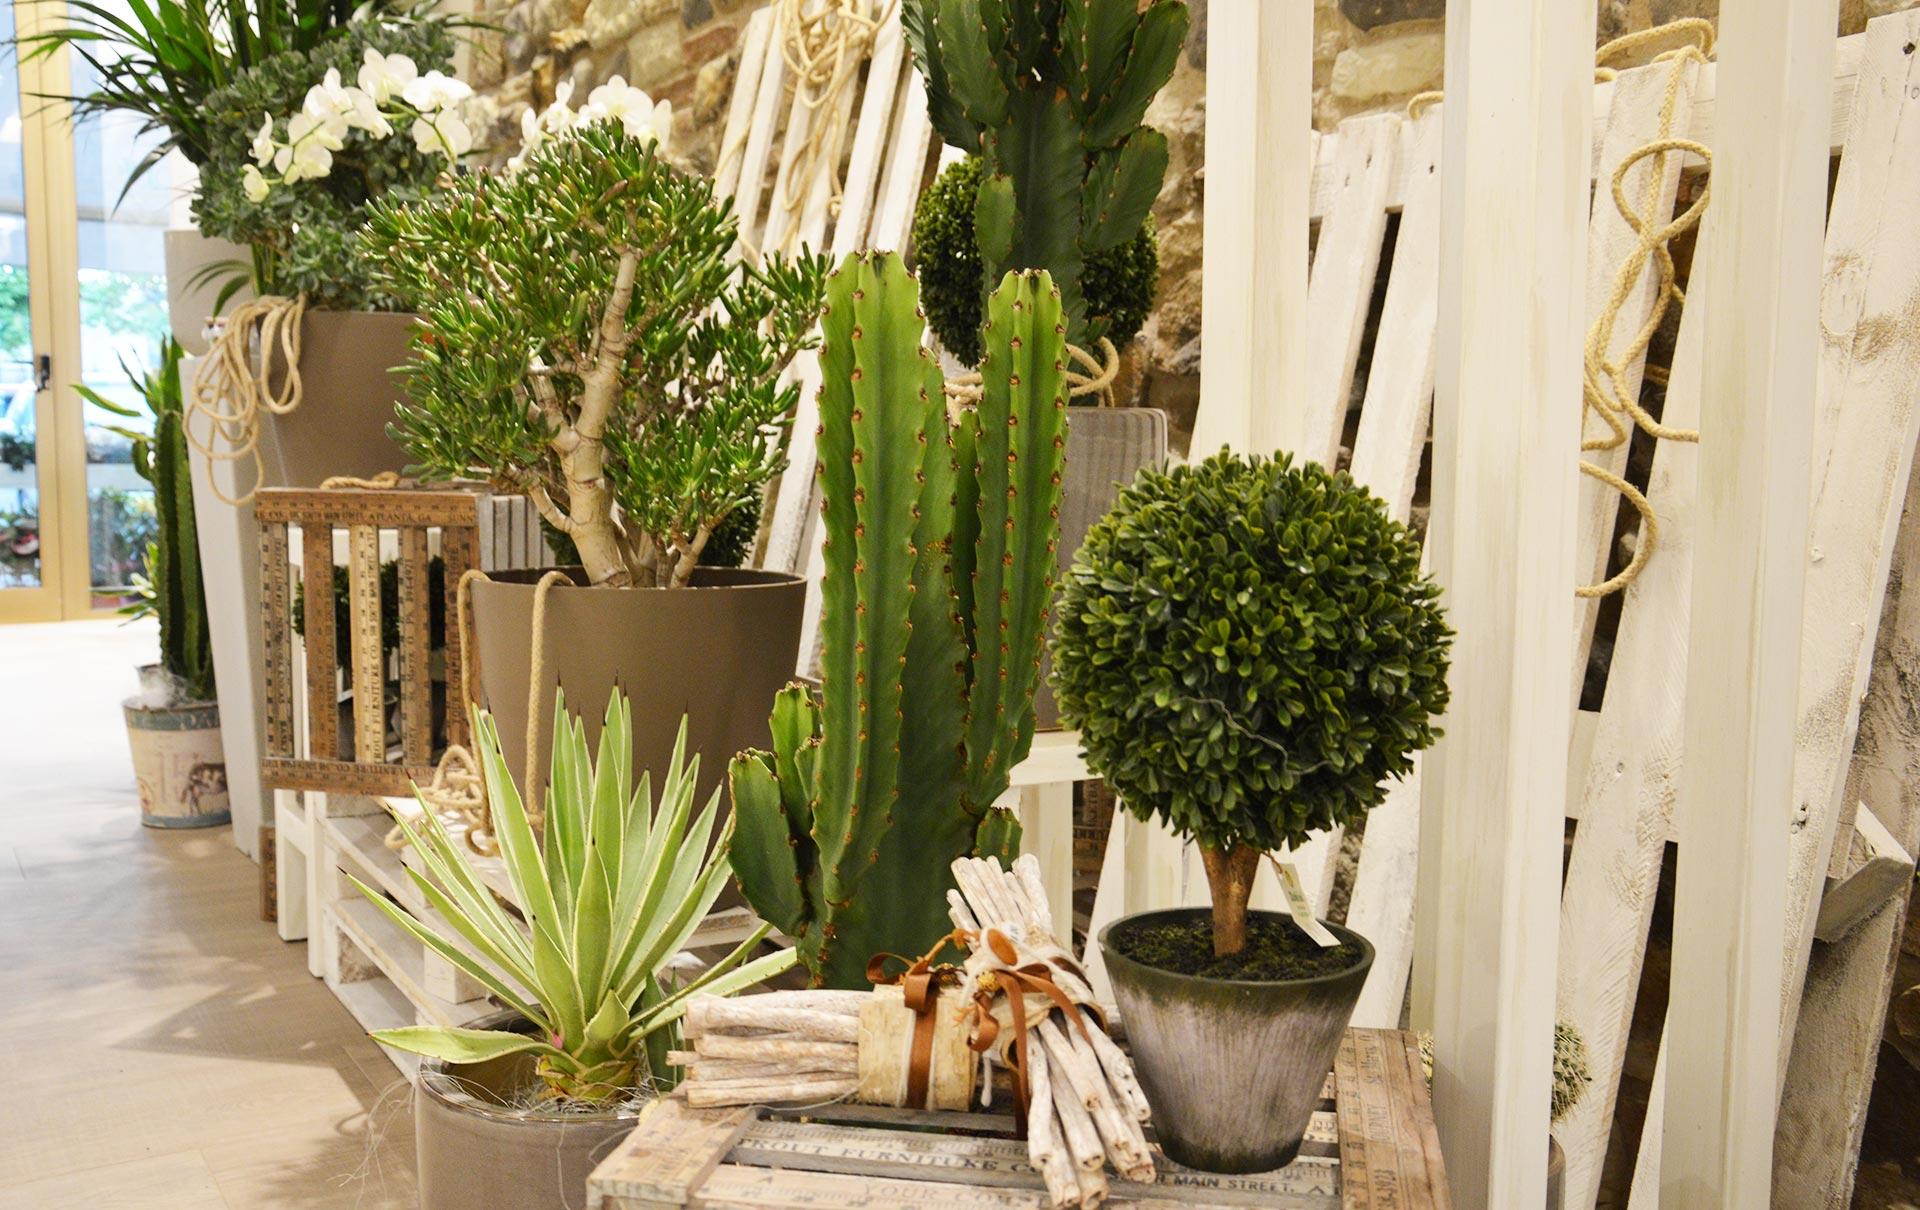 piante verdi e grasse